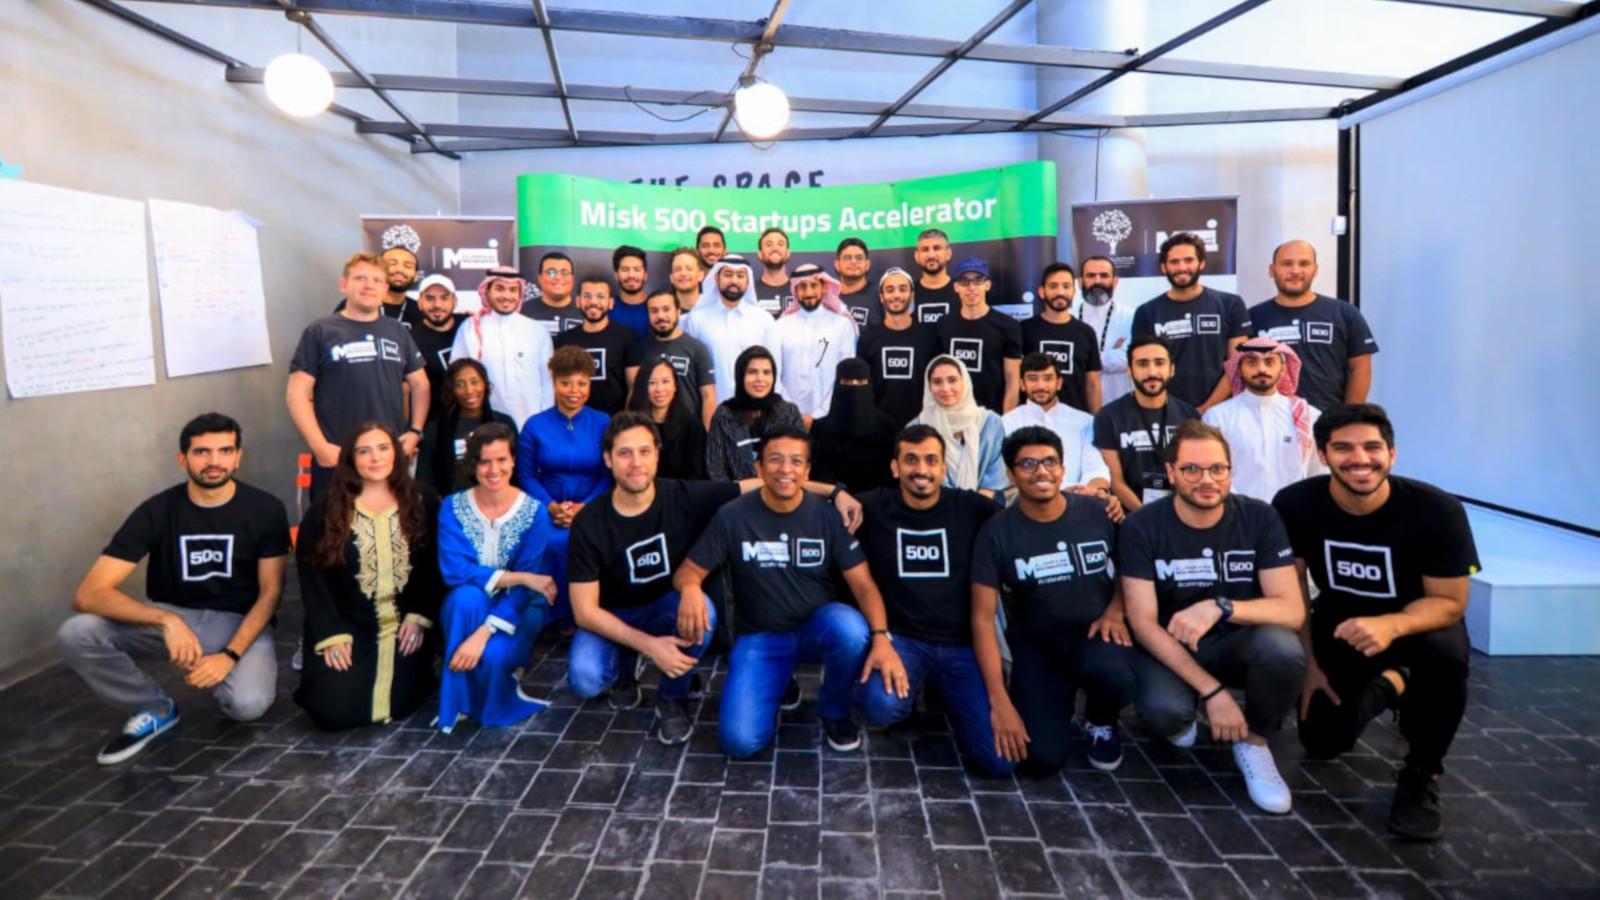 Four Egyptian startups selected for Misk 500 accelerator - Ventureburn